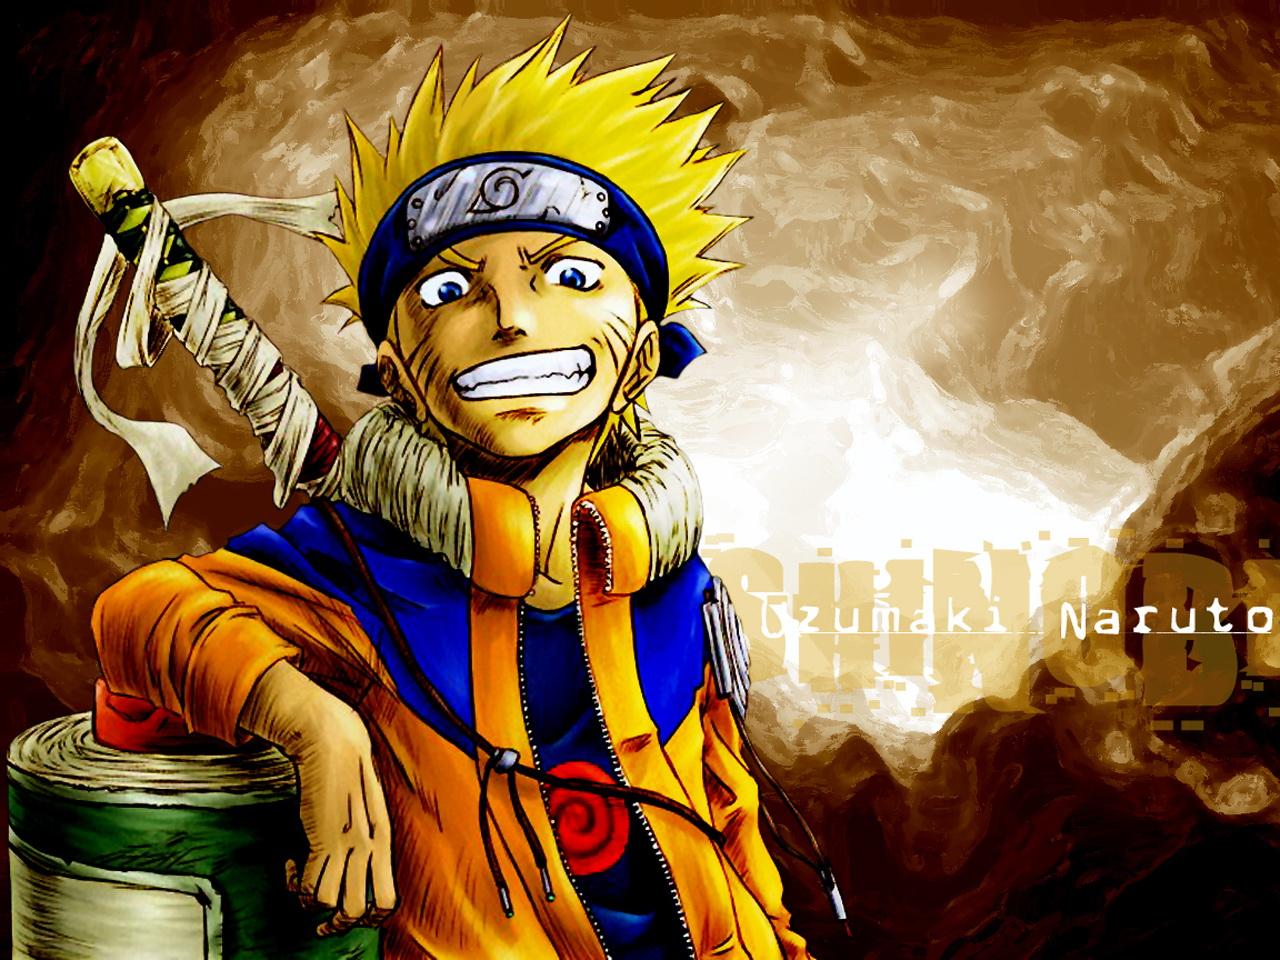 Muryou Anime Wallpaper gt Naruto gt Uzumaki Naruto 1280x960